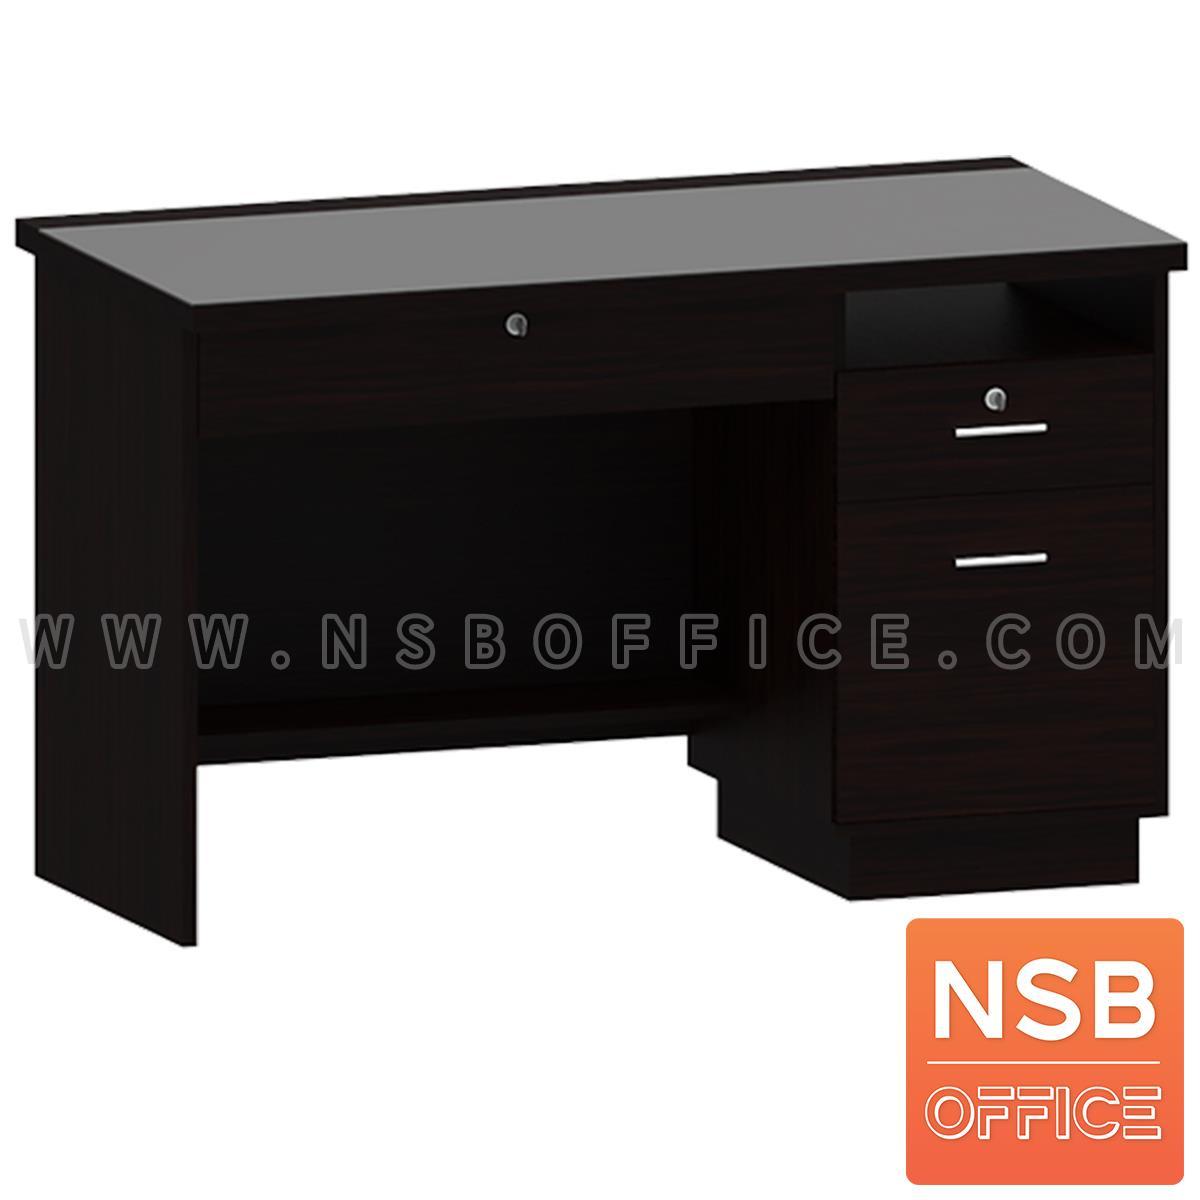 โต๊ะคอมพิวเตอร์หน้ากระจกสีชาดำ 2 ลิ้นชัก 1 บานเปิด  รุ่น Prescott (เพรสคอต) ขนาด 120W cm.